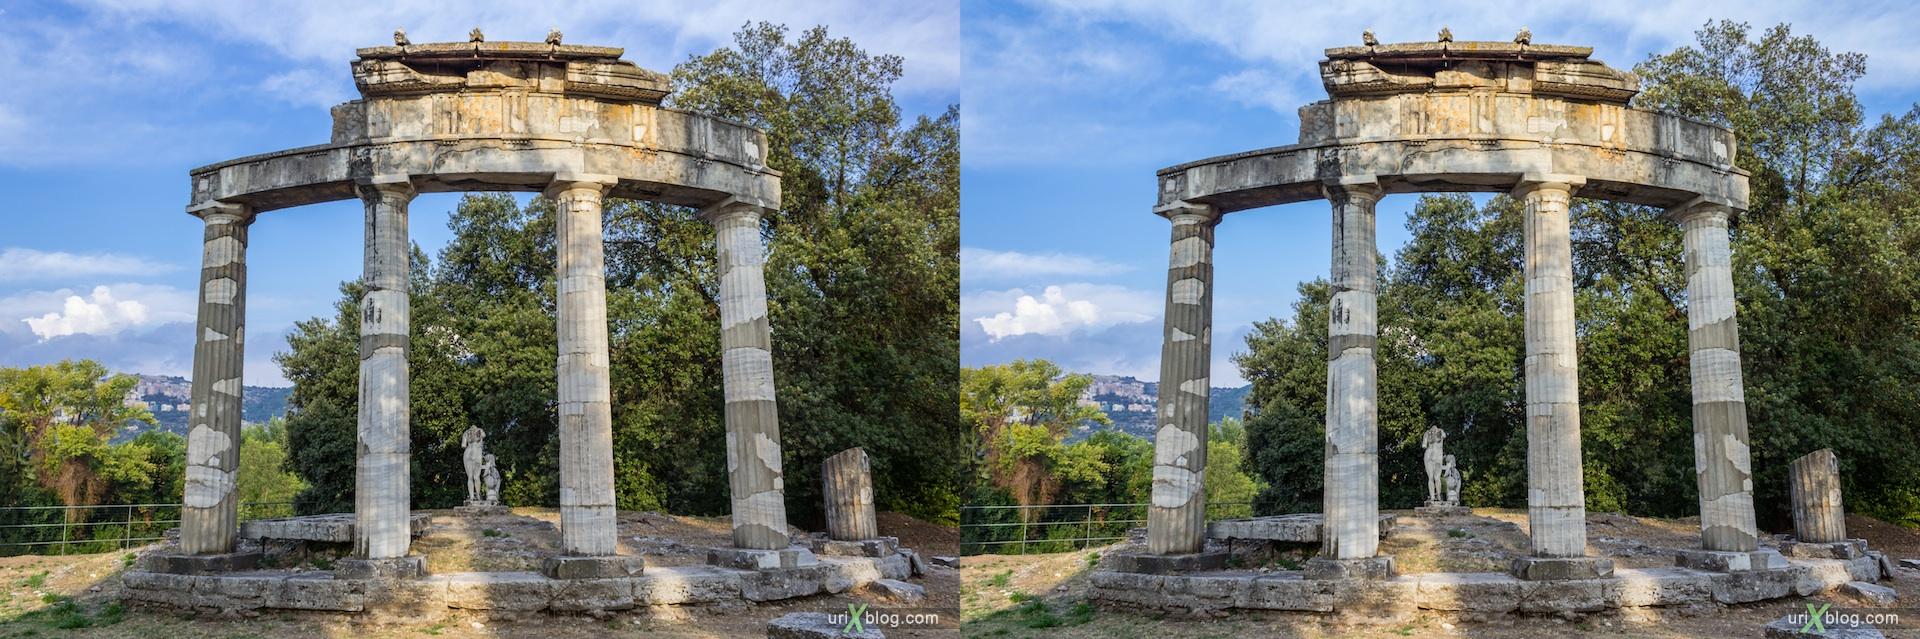 2012, Храм Венеры, Вилла Адриана, Тиволи, древний Рим, Италия, 3D, перекрёстные стереопары, стерео, стереопара, стереопары